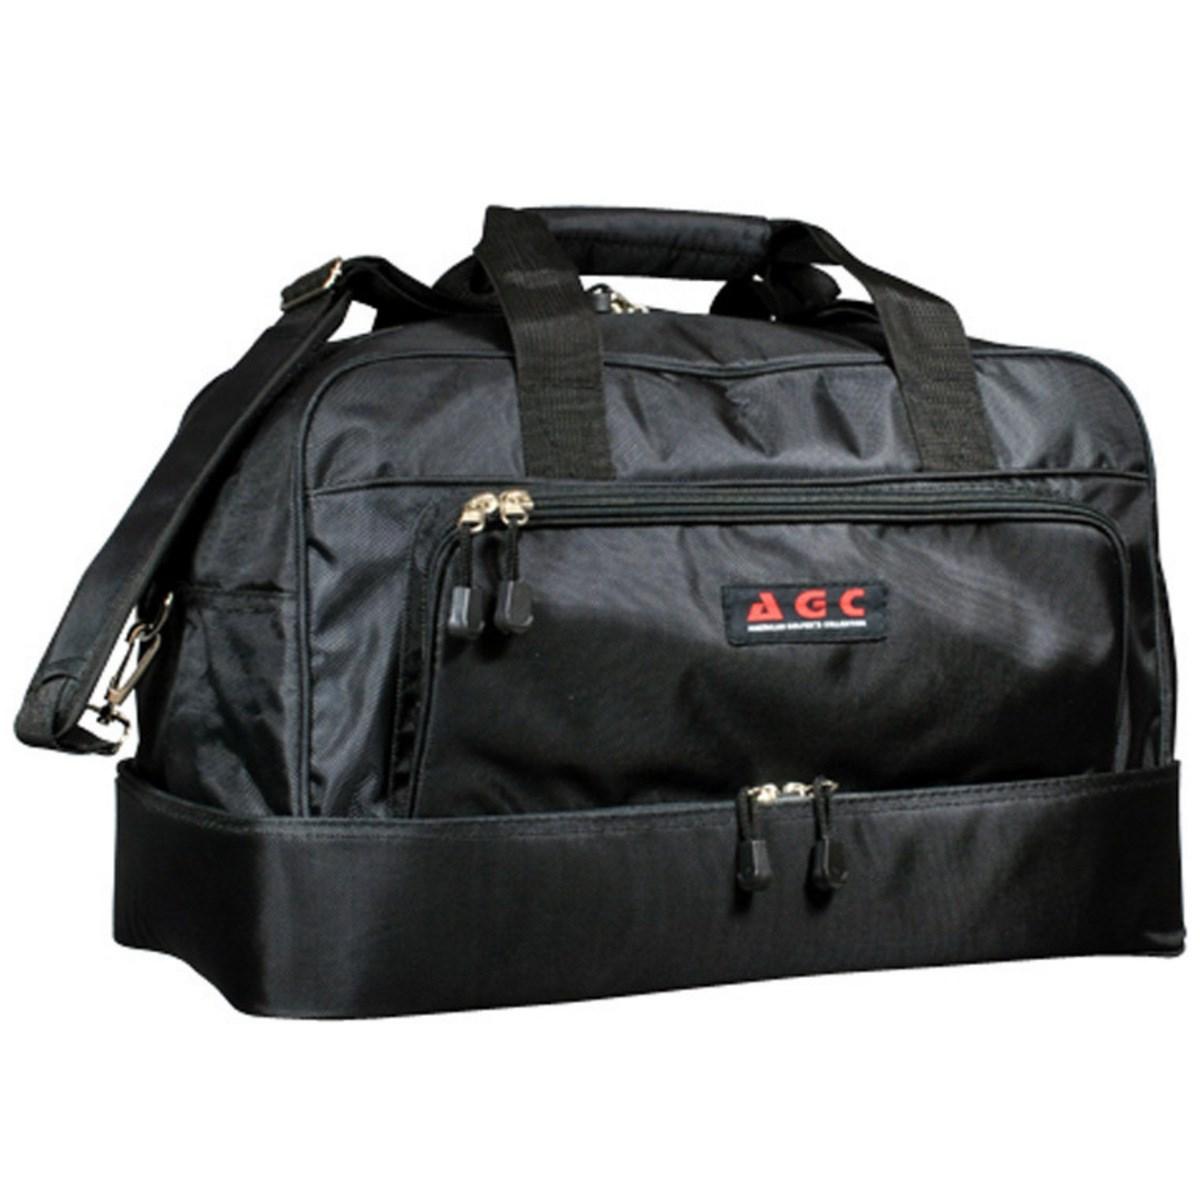 その他メーカー AGC ボストンバッグ AGBB-1201